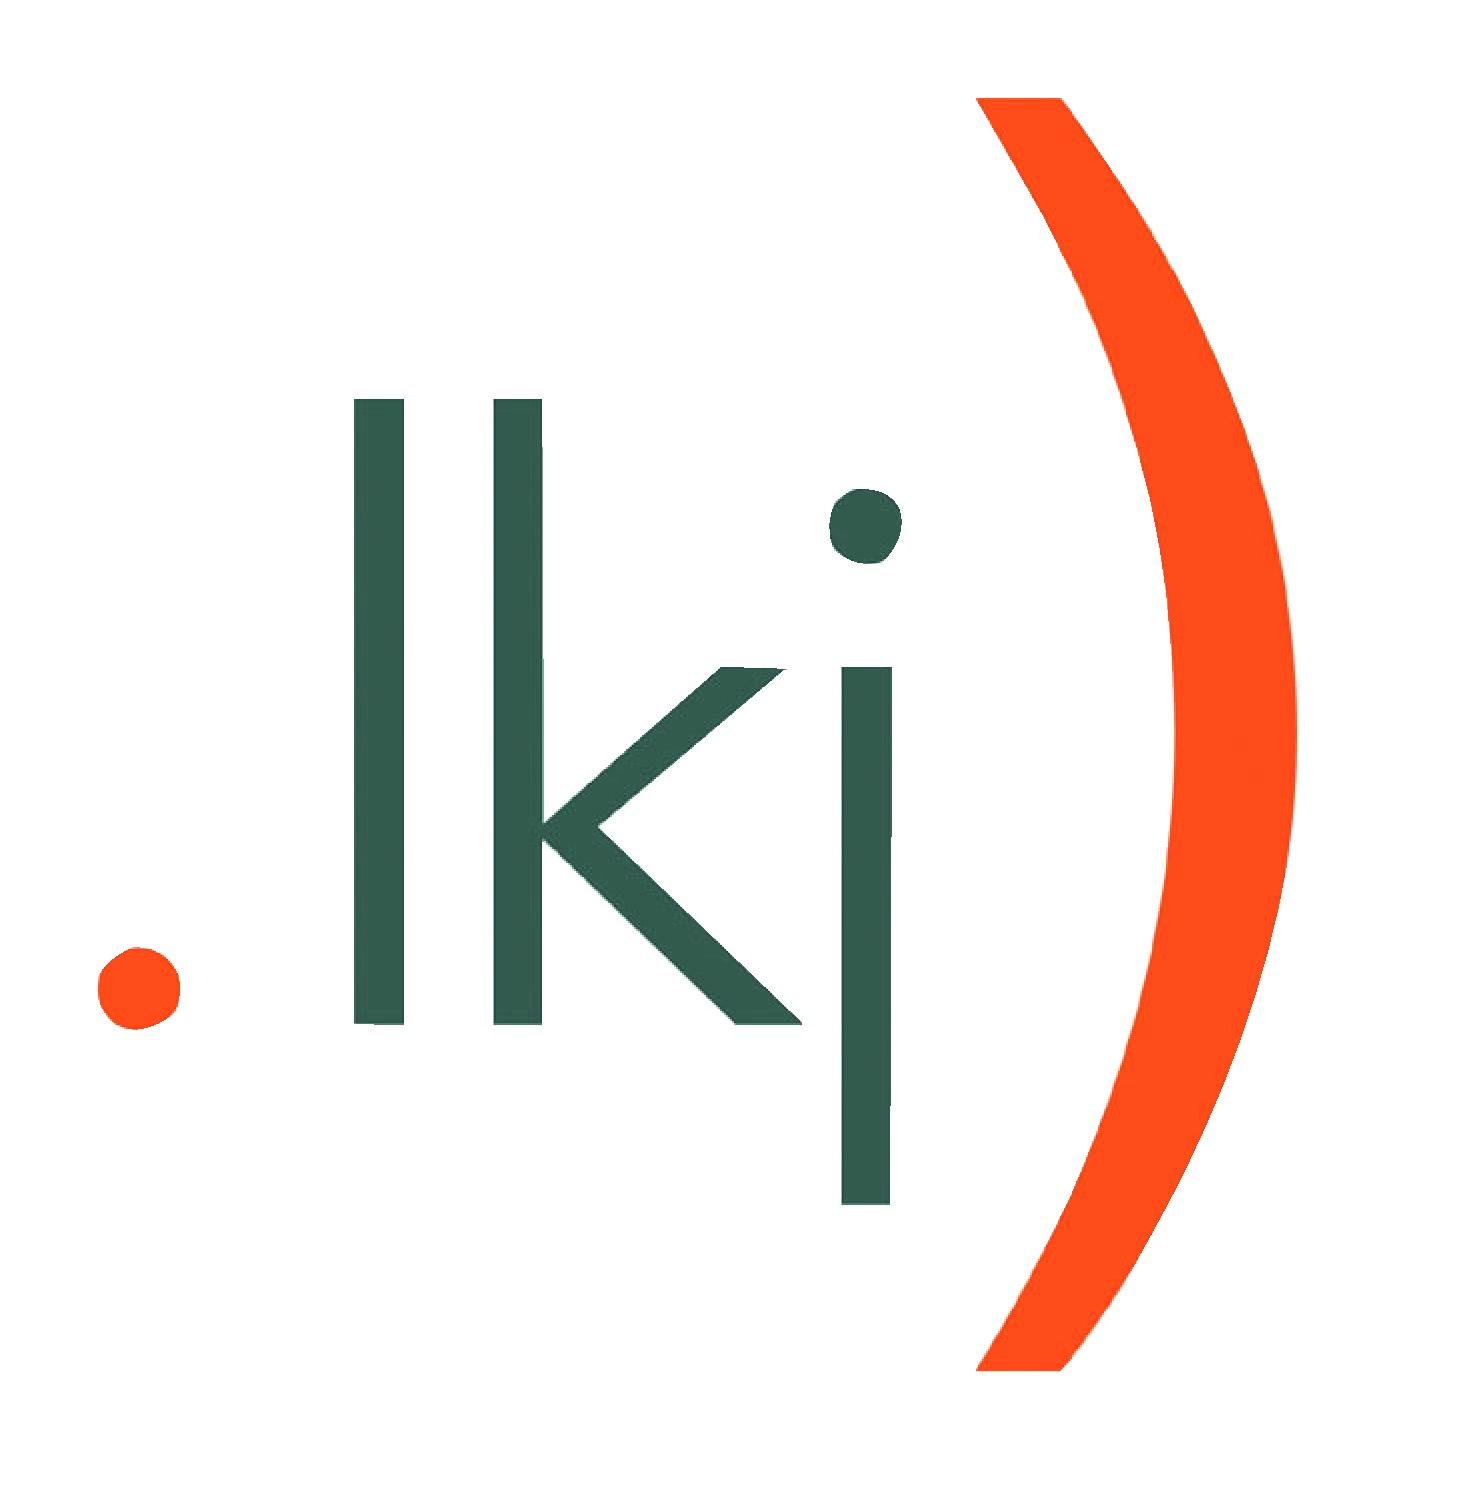 .lkj) – земельне об'єднання культурної освіти дітей і молоді в Саксонії-Ангальт